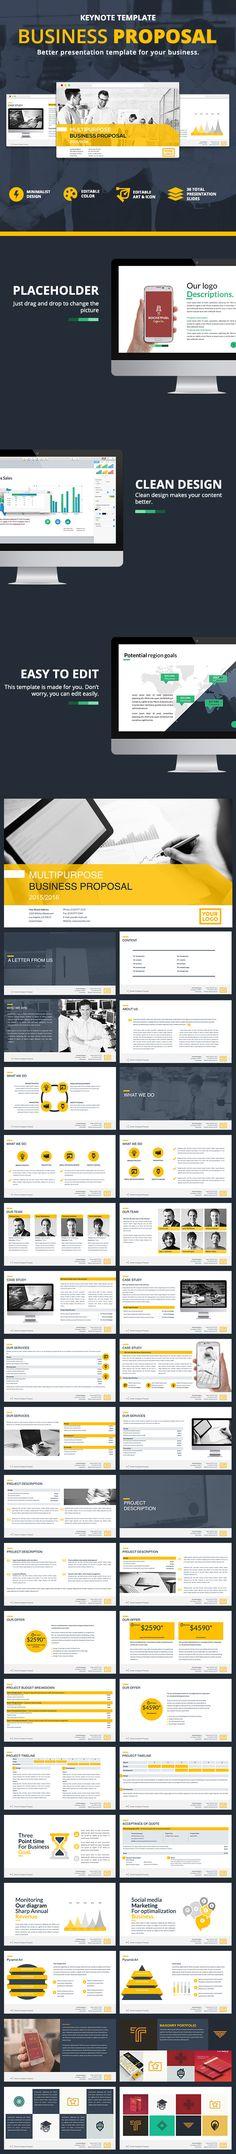 Business Proposal Keynote Template #design #slides Download: http://graphicriver.net/item/business-proposal-keynote/12583742?ref=ksioks